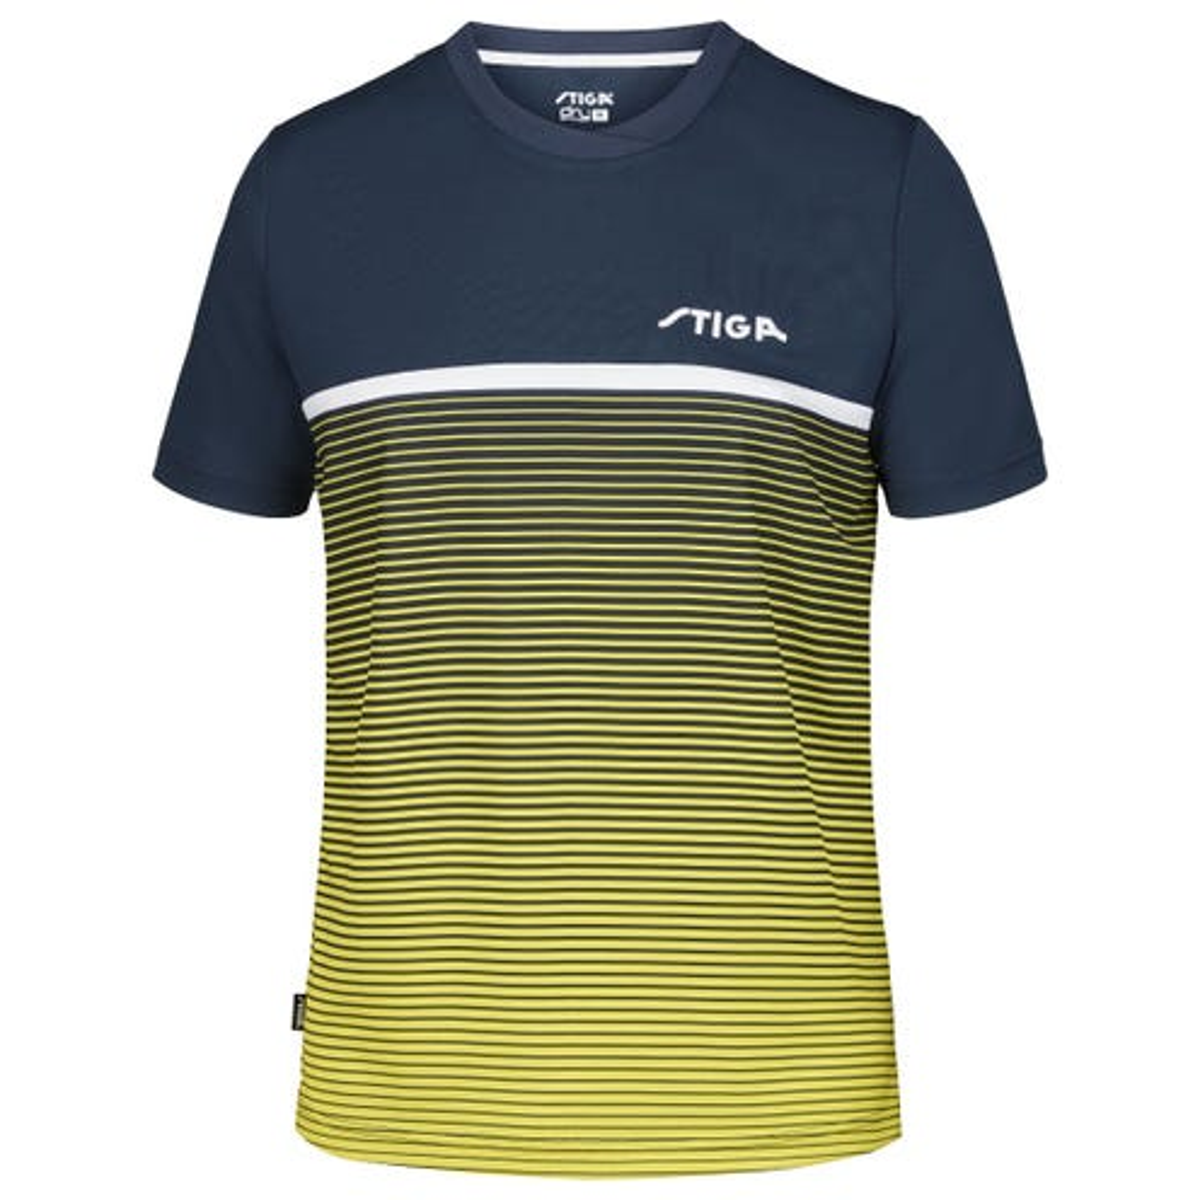 Stiga Lines Yellow/Navy